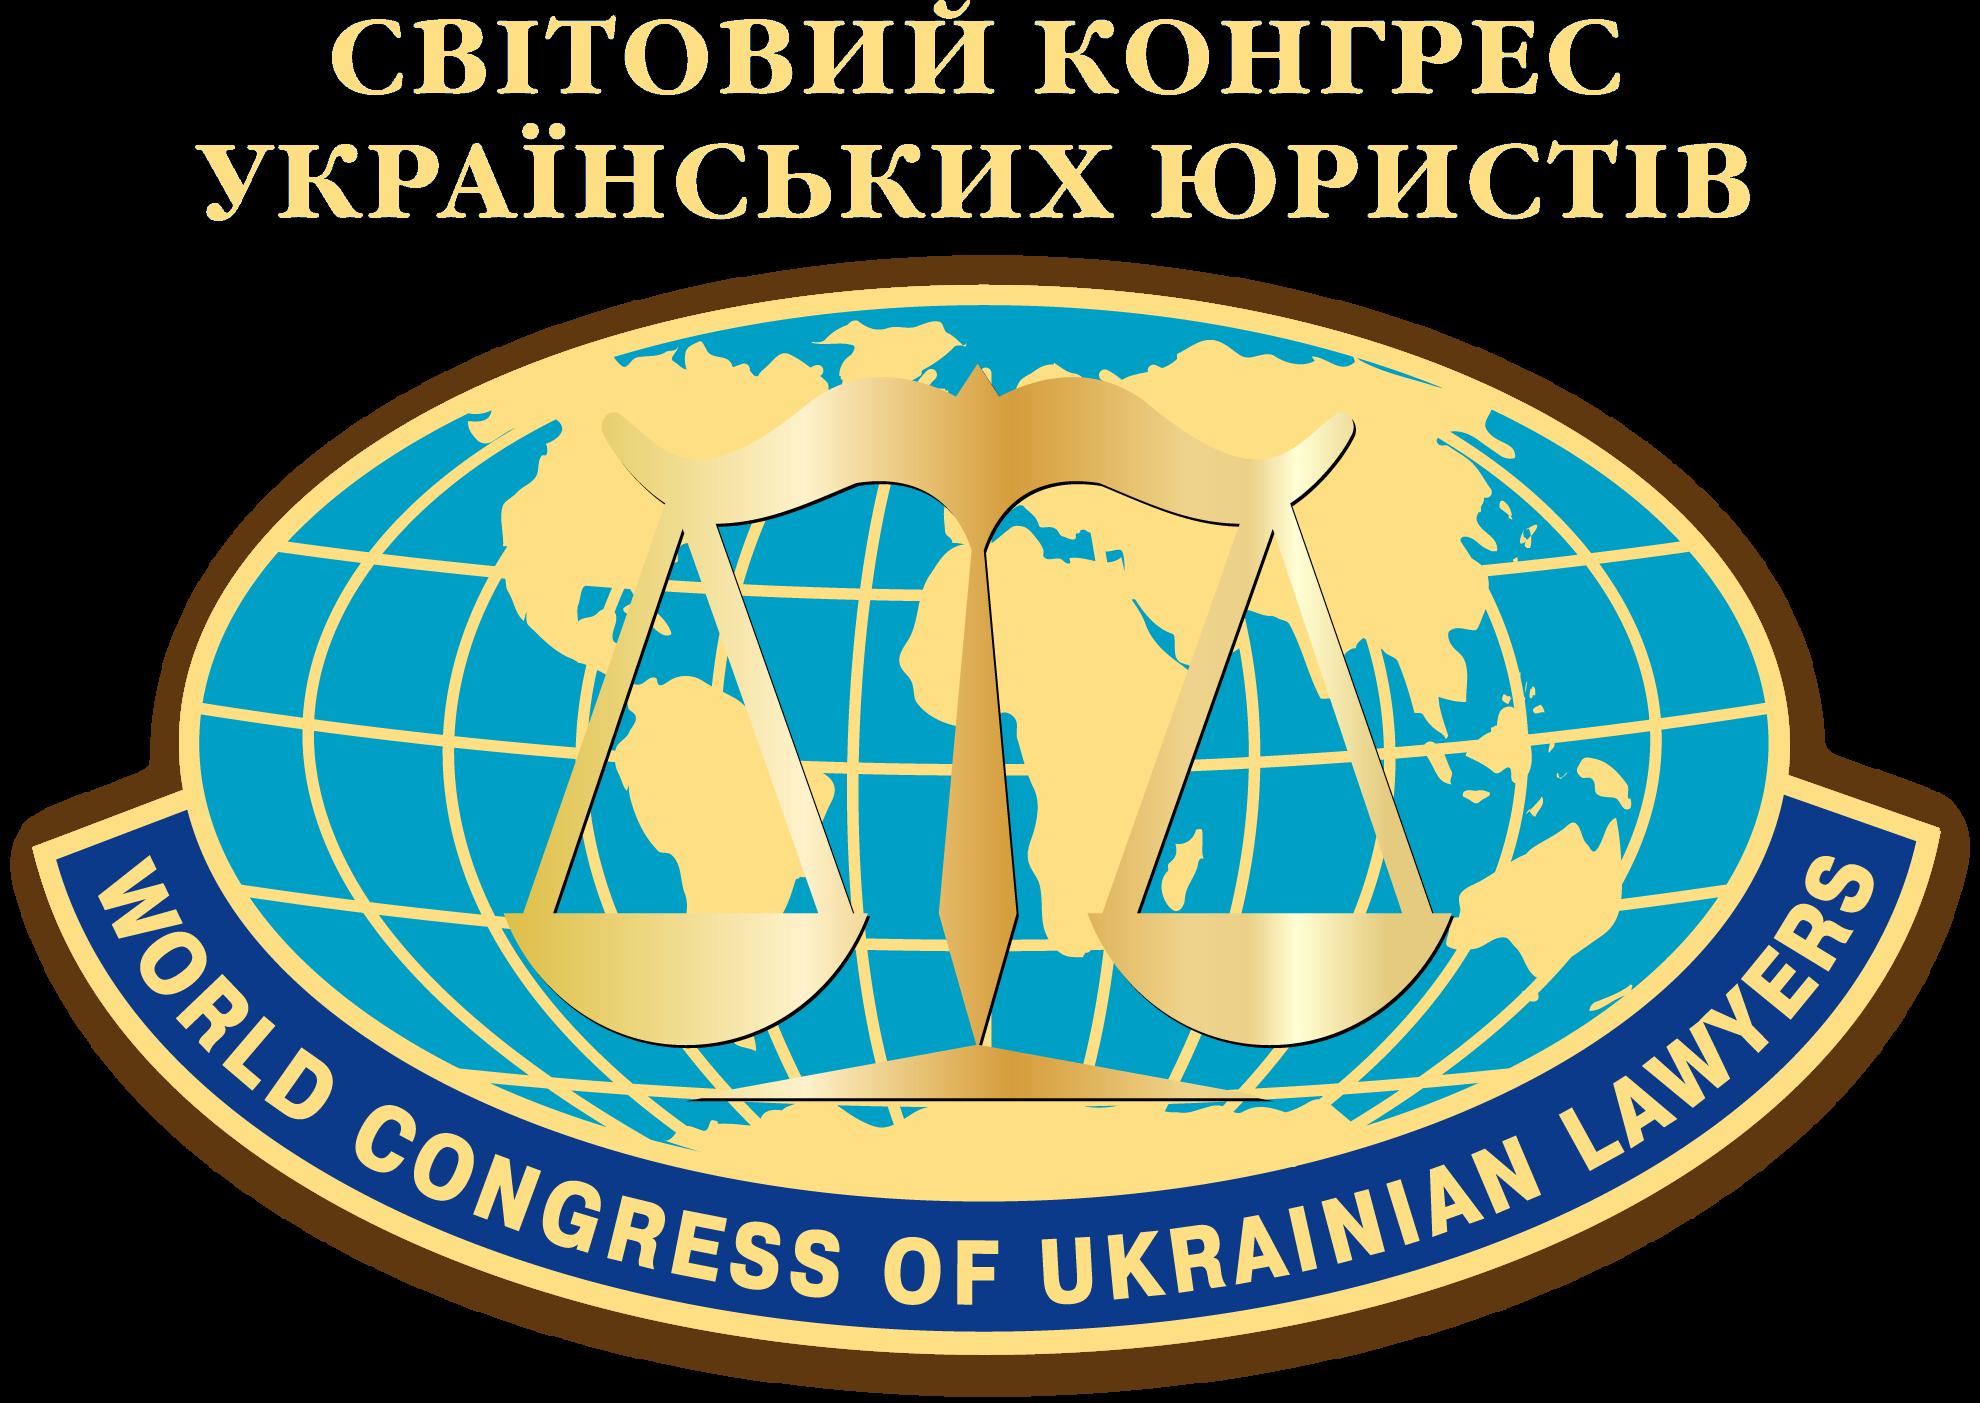 Мировой Конгресс украинских юристов